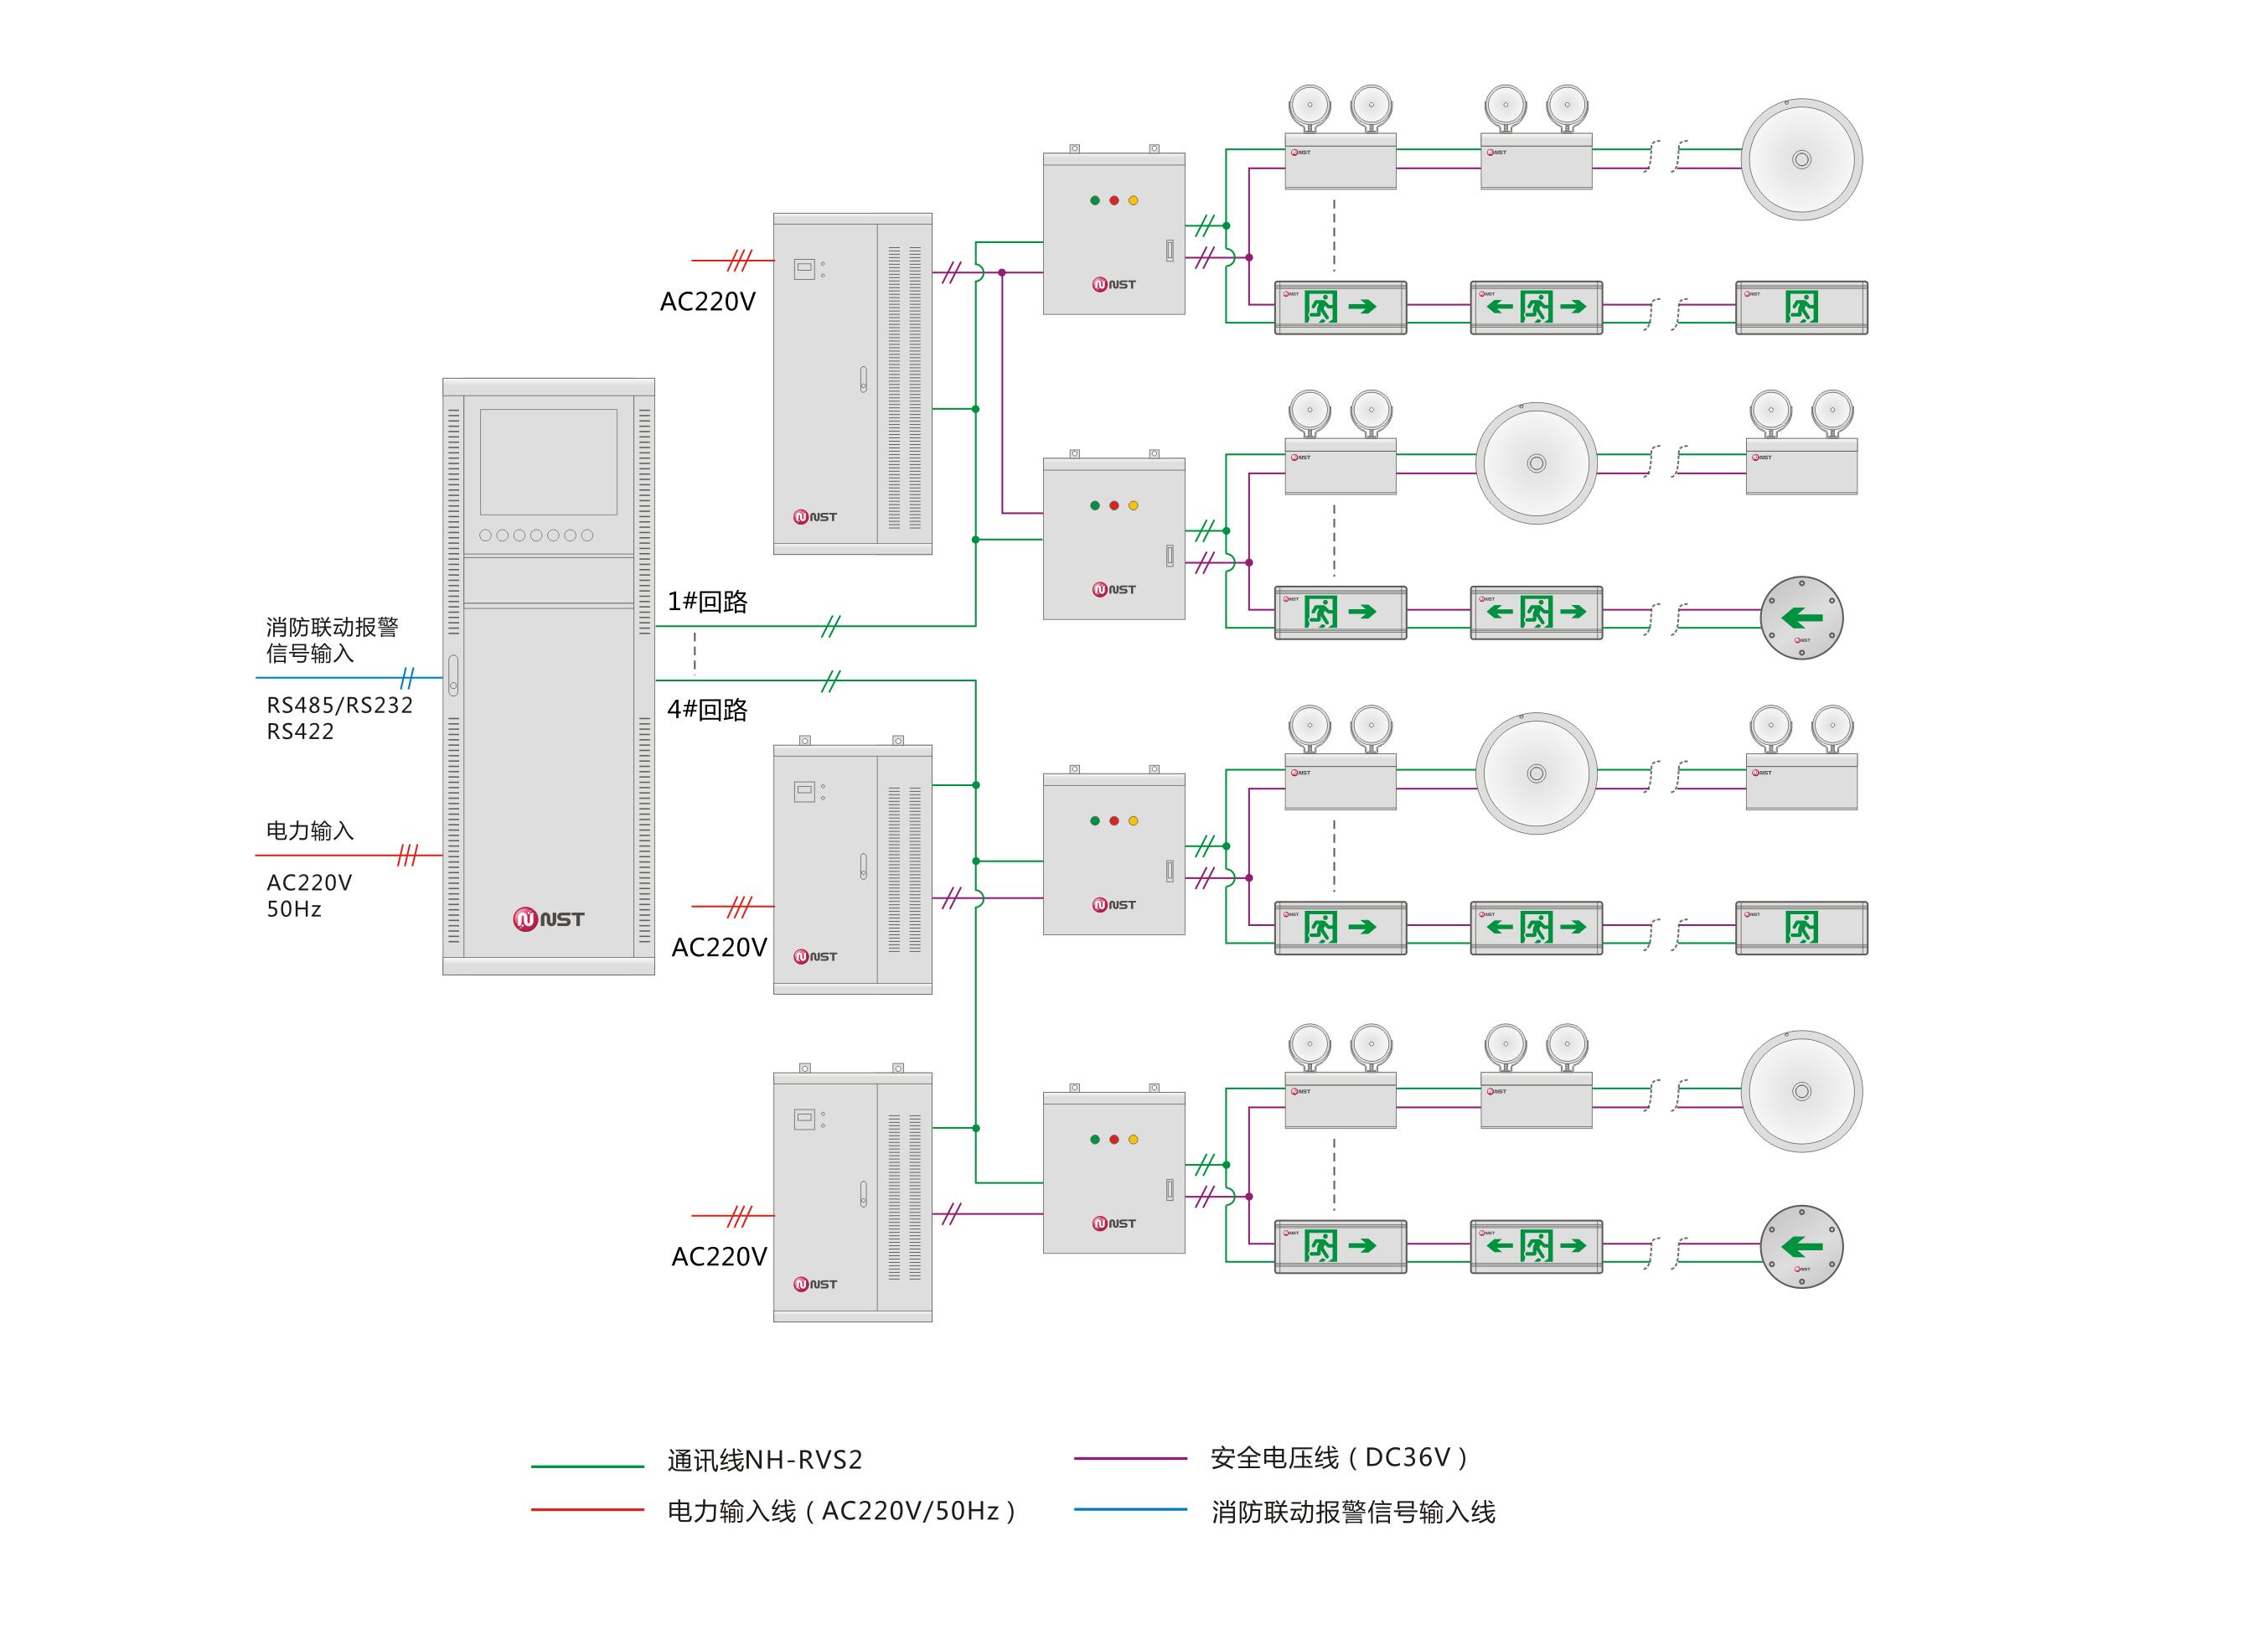 集中器485接线图识图